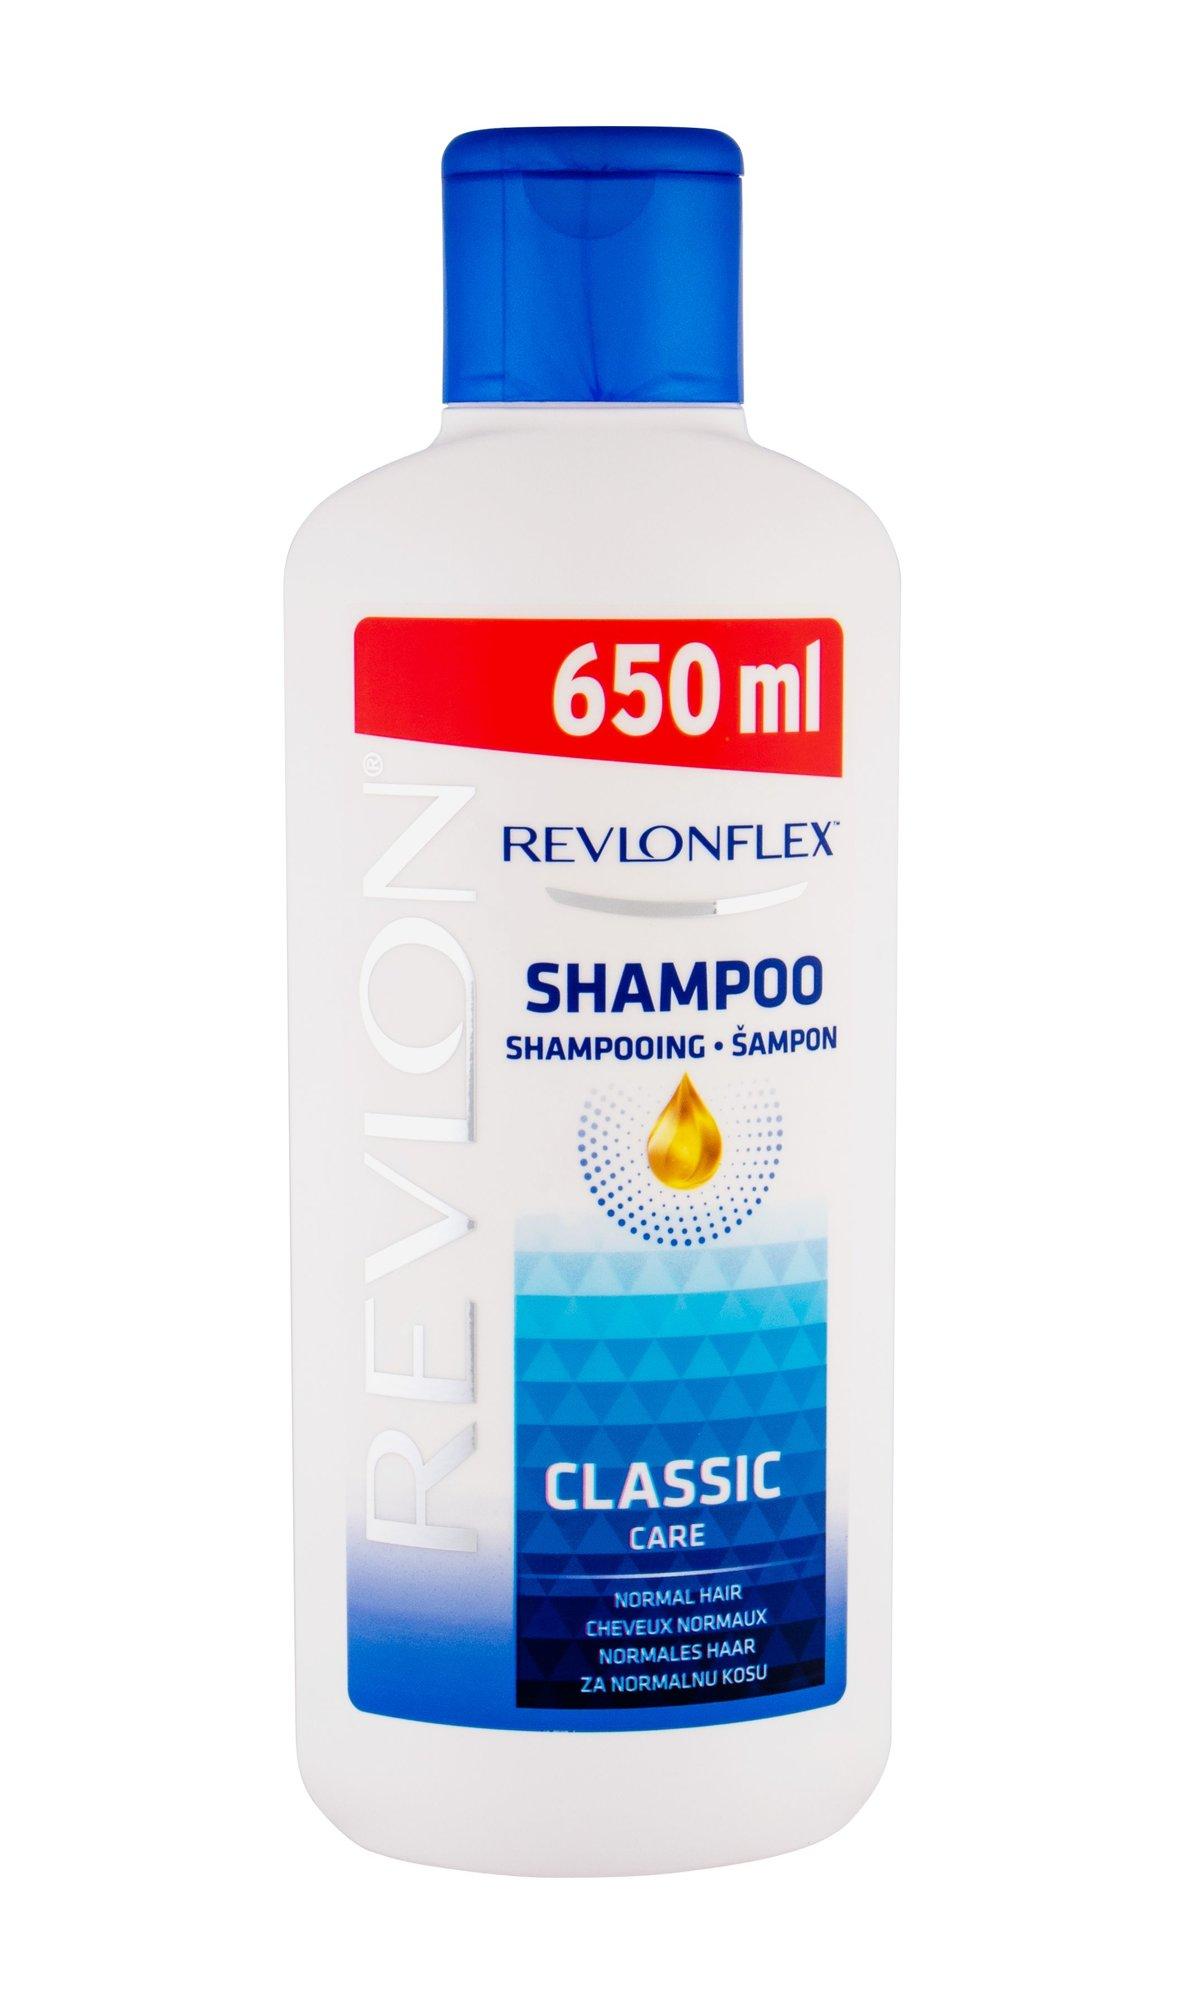 Revlon Revlonflex Shampoo 650ml